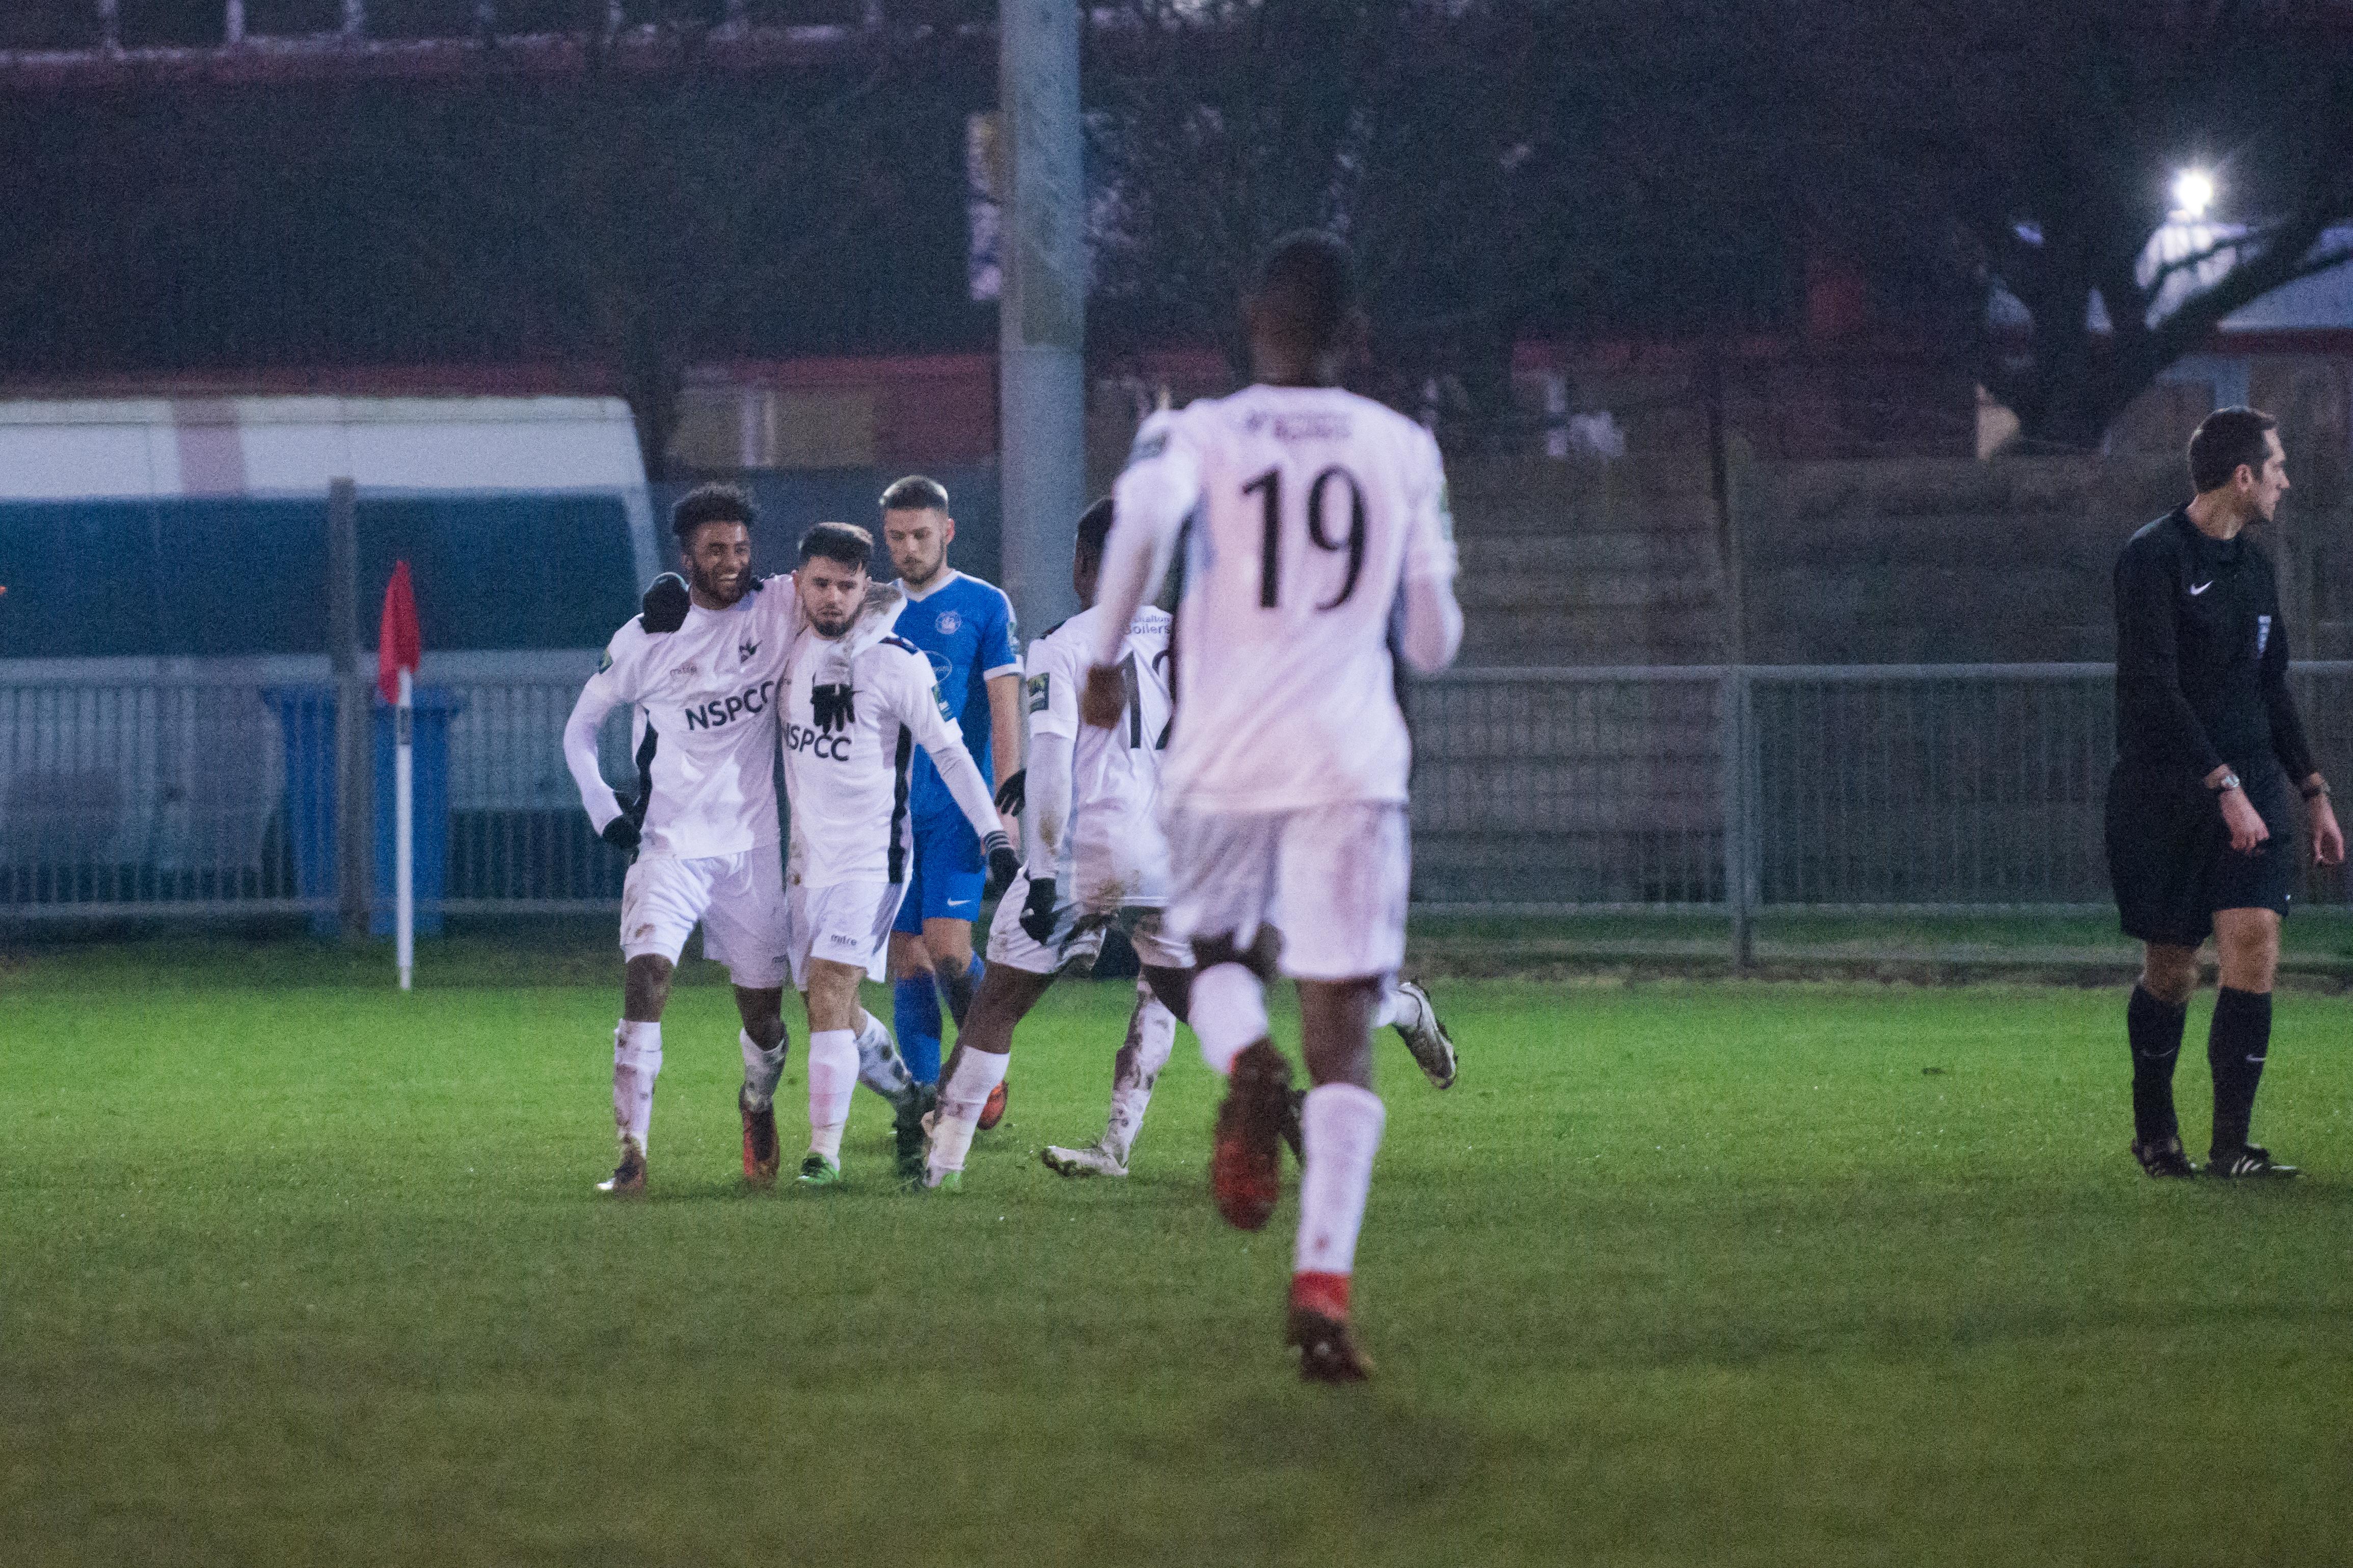 Shoreham FC vs Carshalton Ath 23.12.17 101